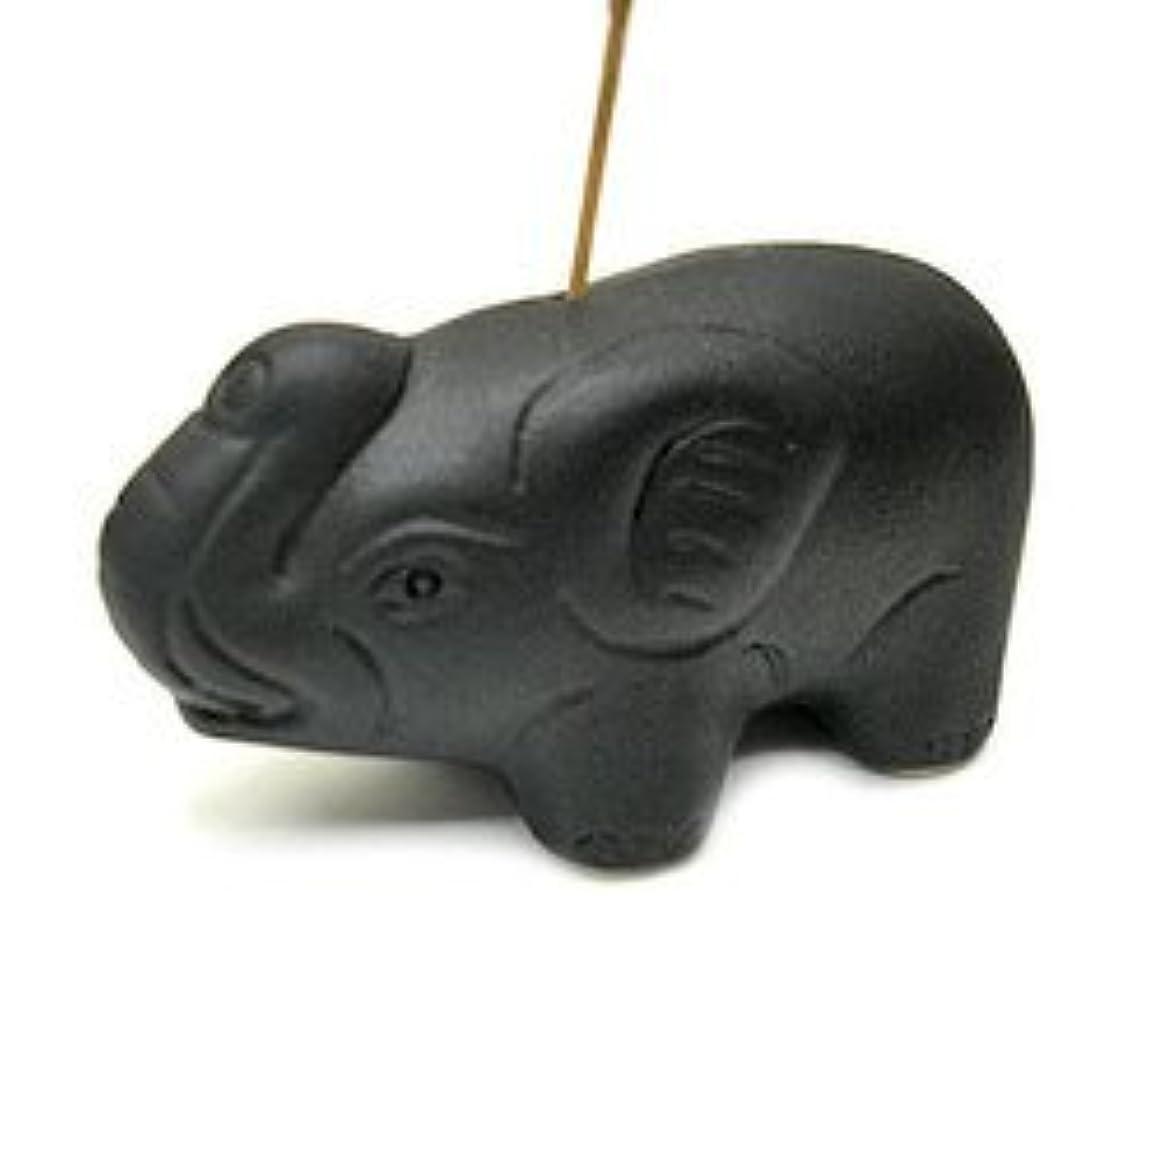 よりフィヨルド欠伸象さんのお香立て <黒> インセンスホルダー/スティックタイプ用お香立て?お香たて アジアン雑貨